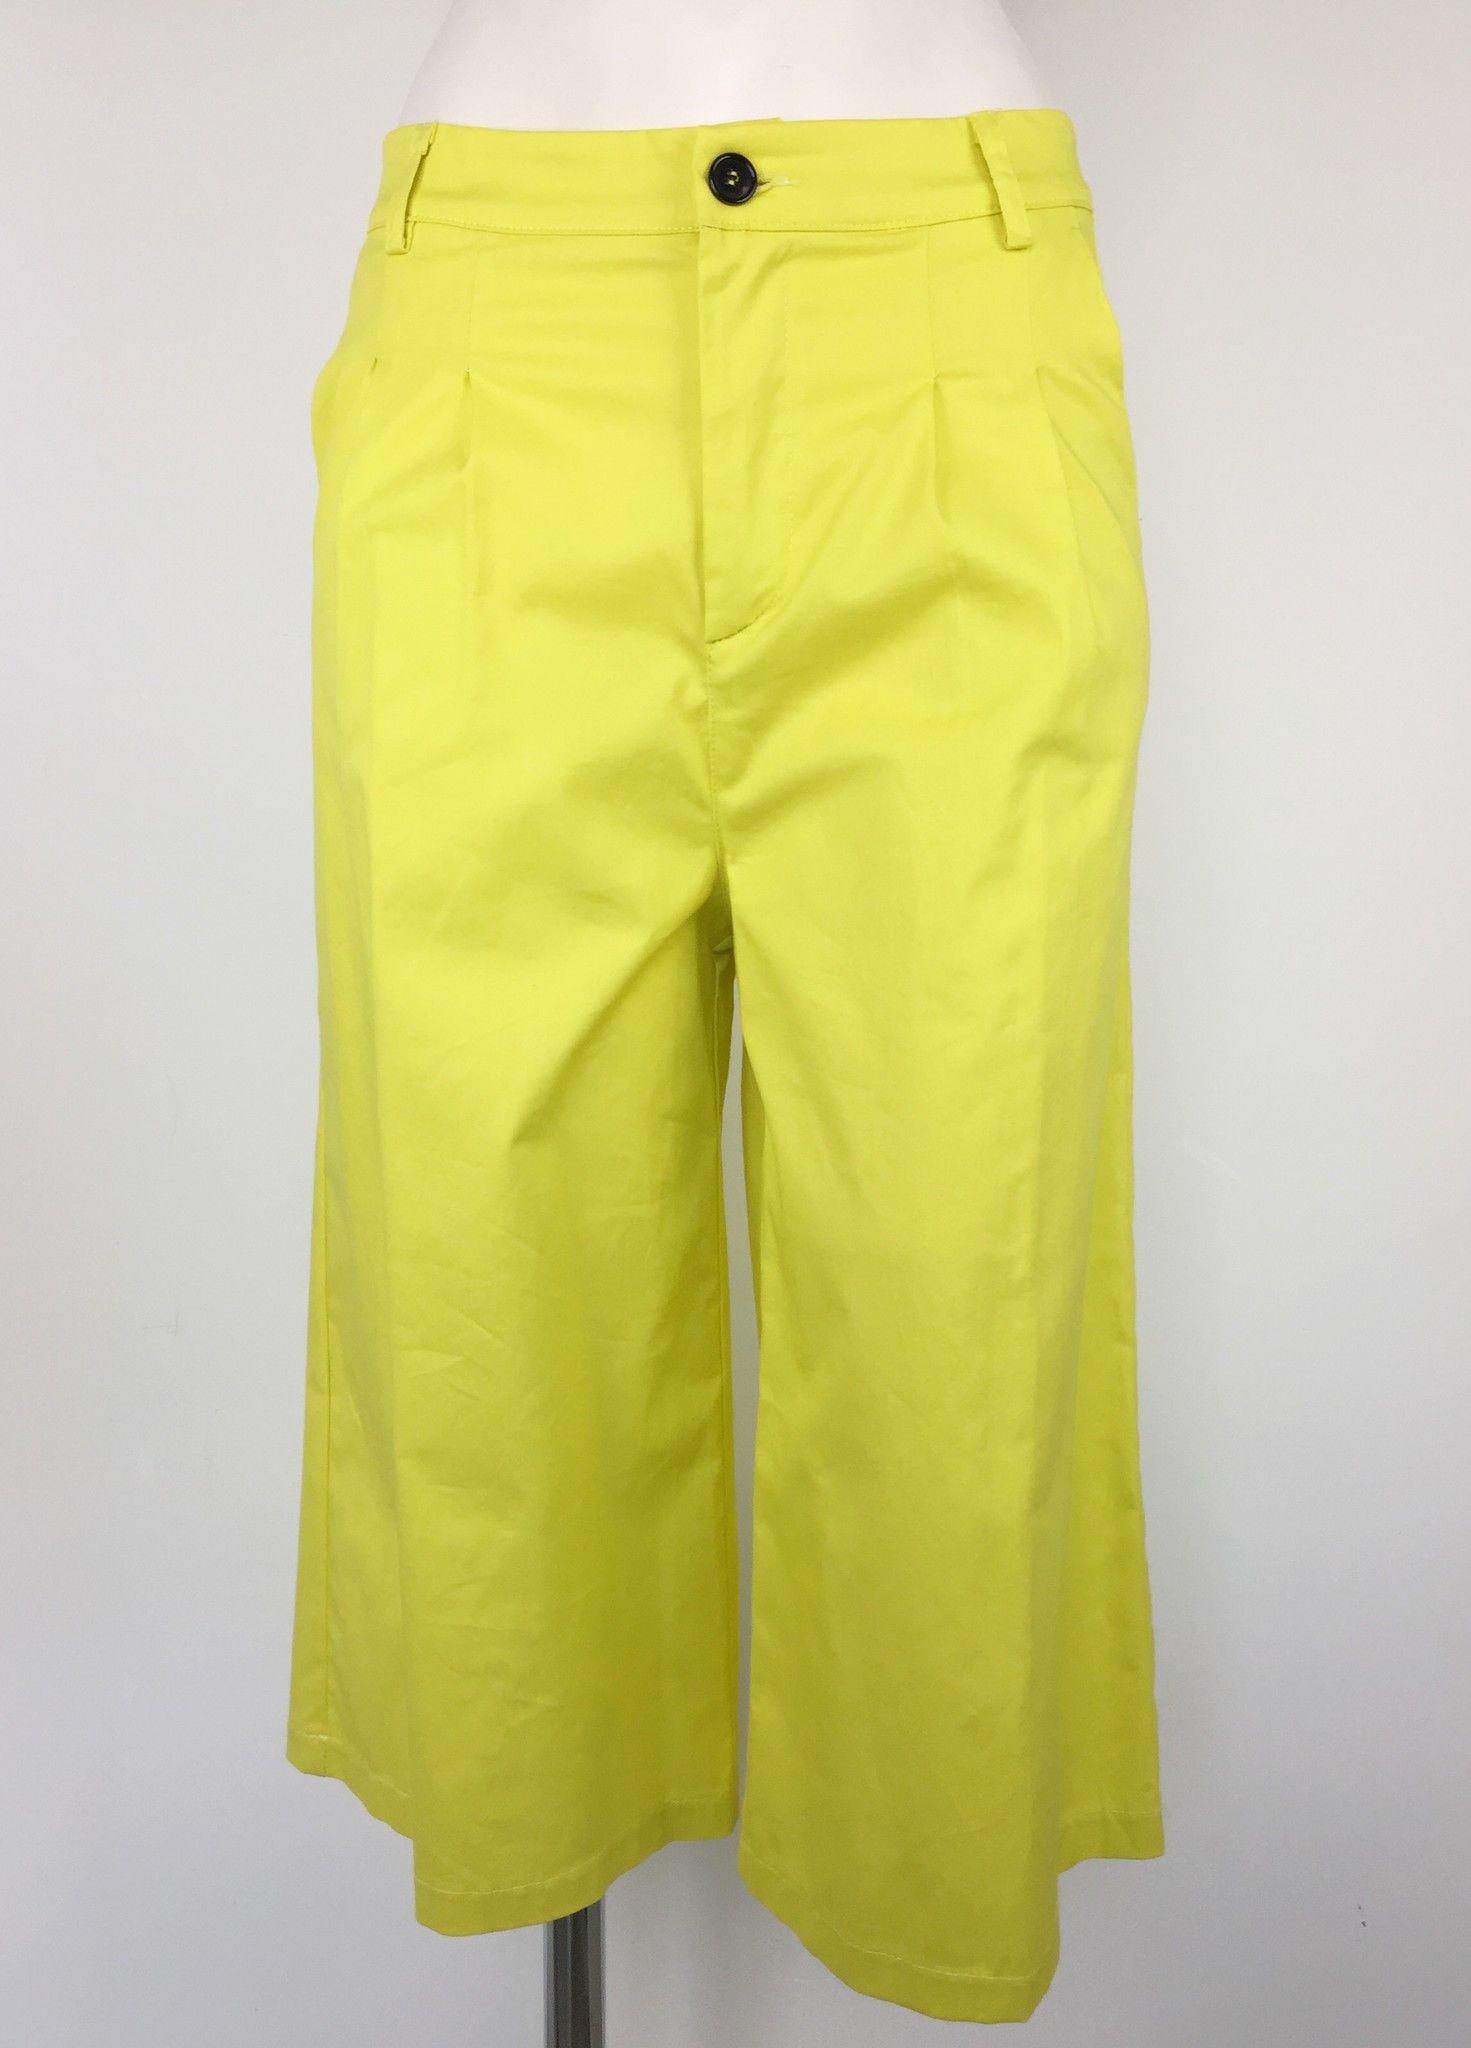 Gonna Pantalone LadyBug Cod.TL0997